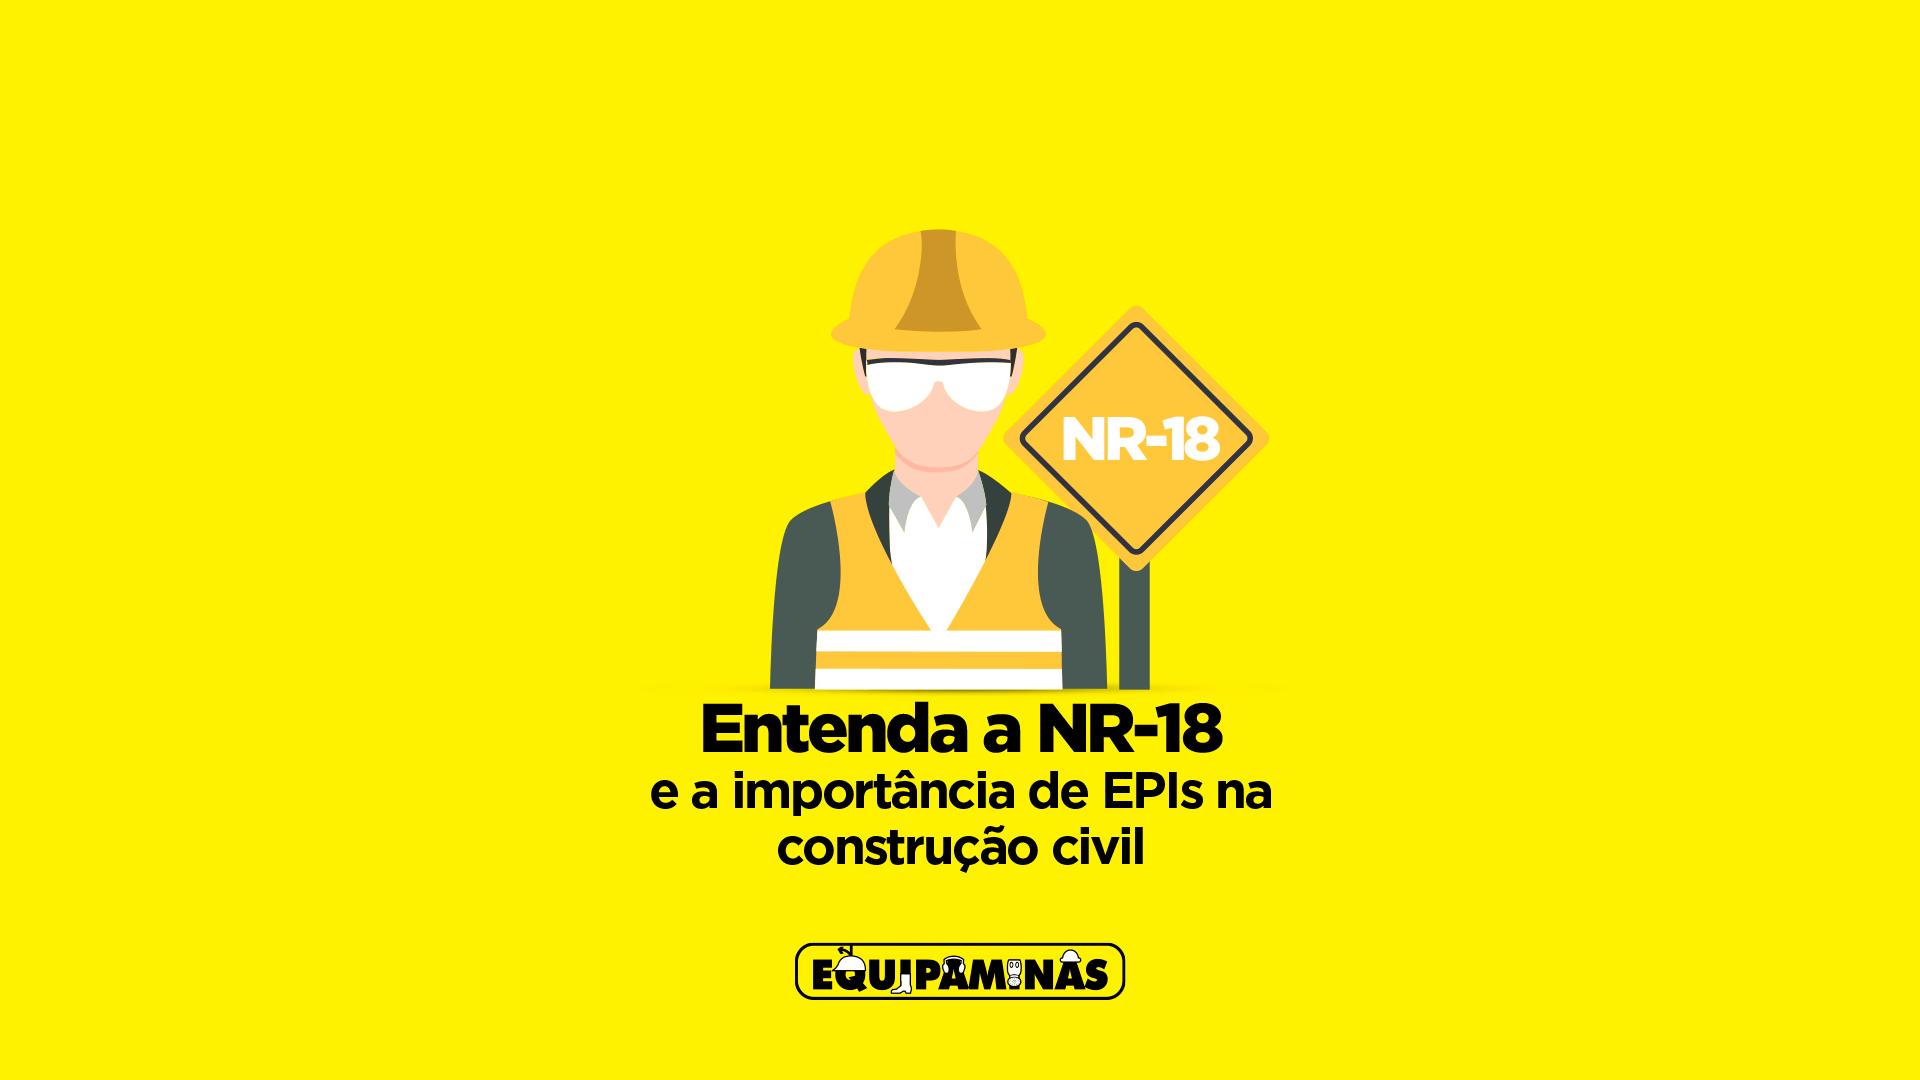 Entenda a NR-18 e a importância de EPIs na construção civil